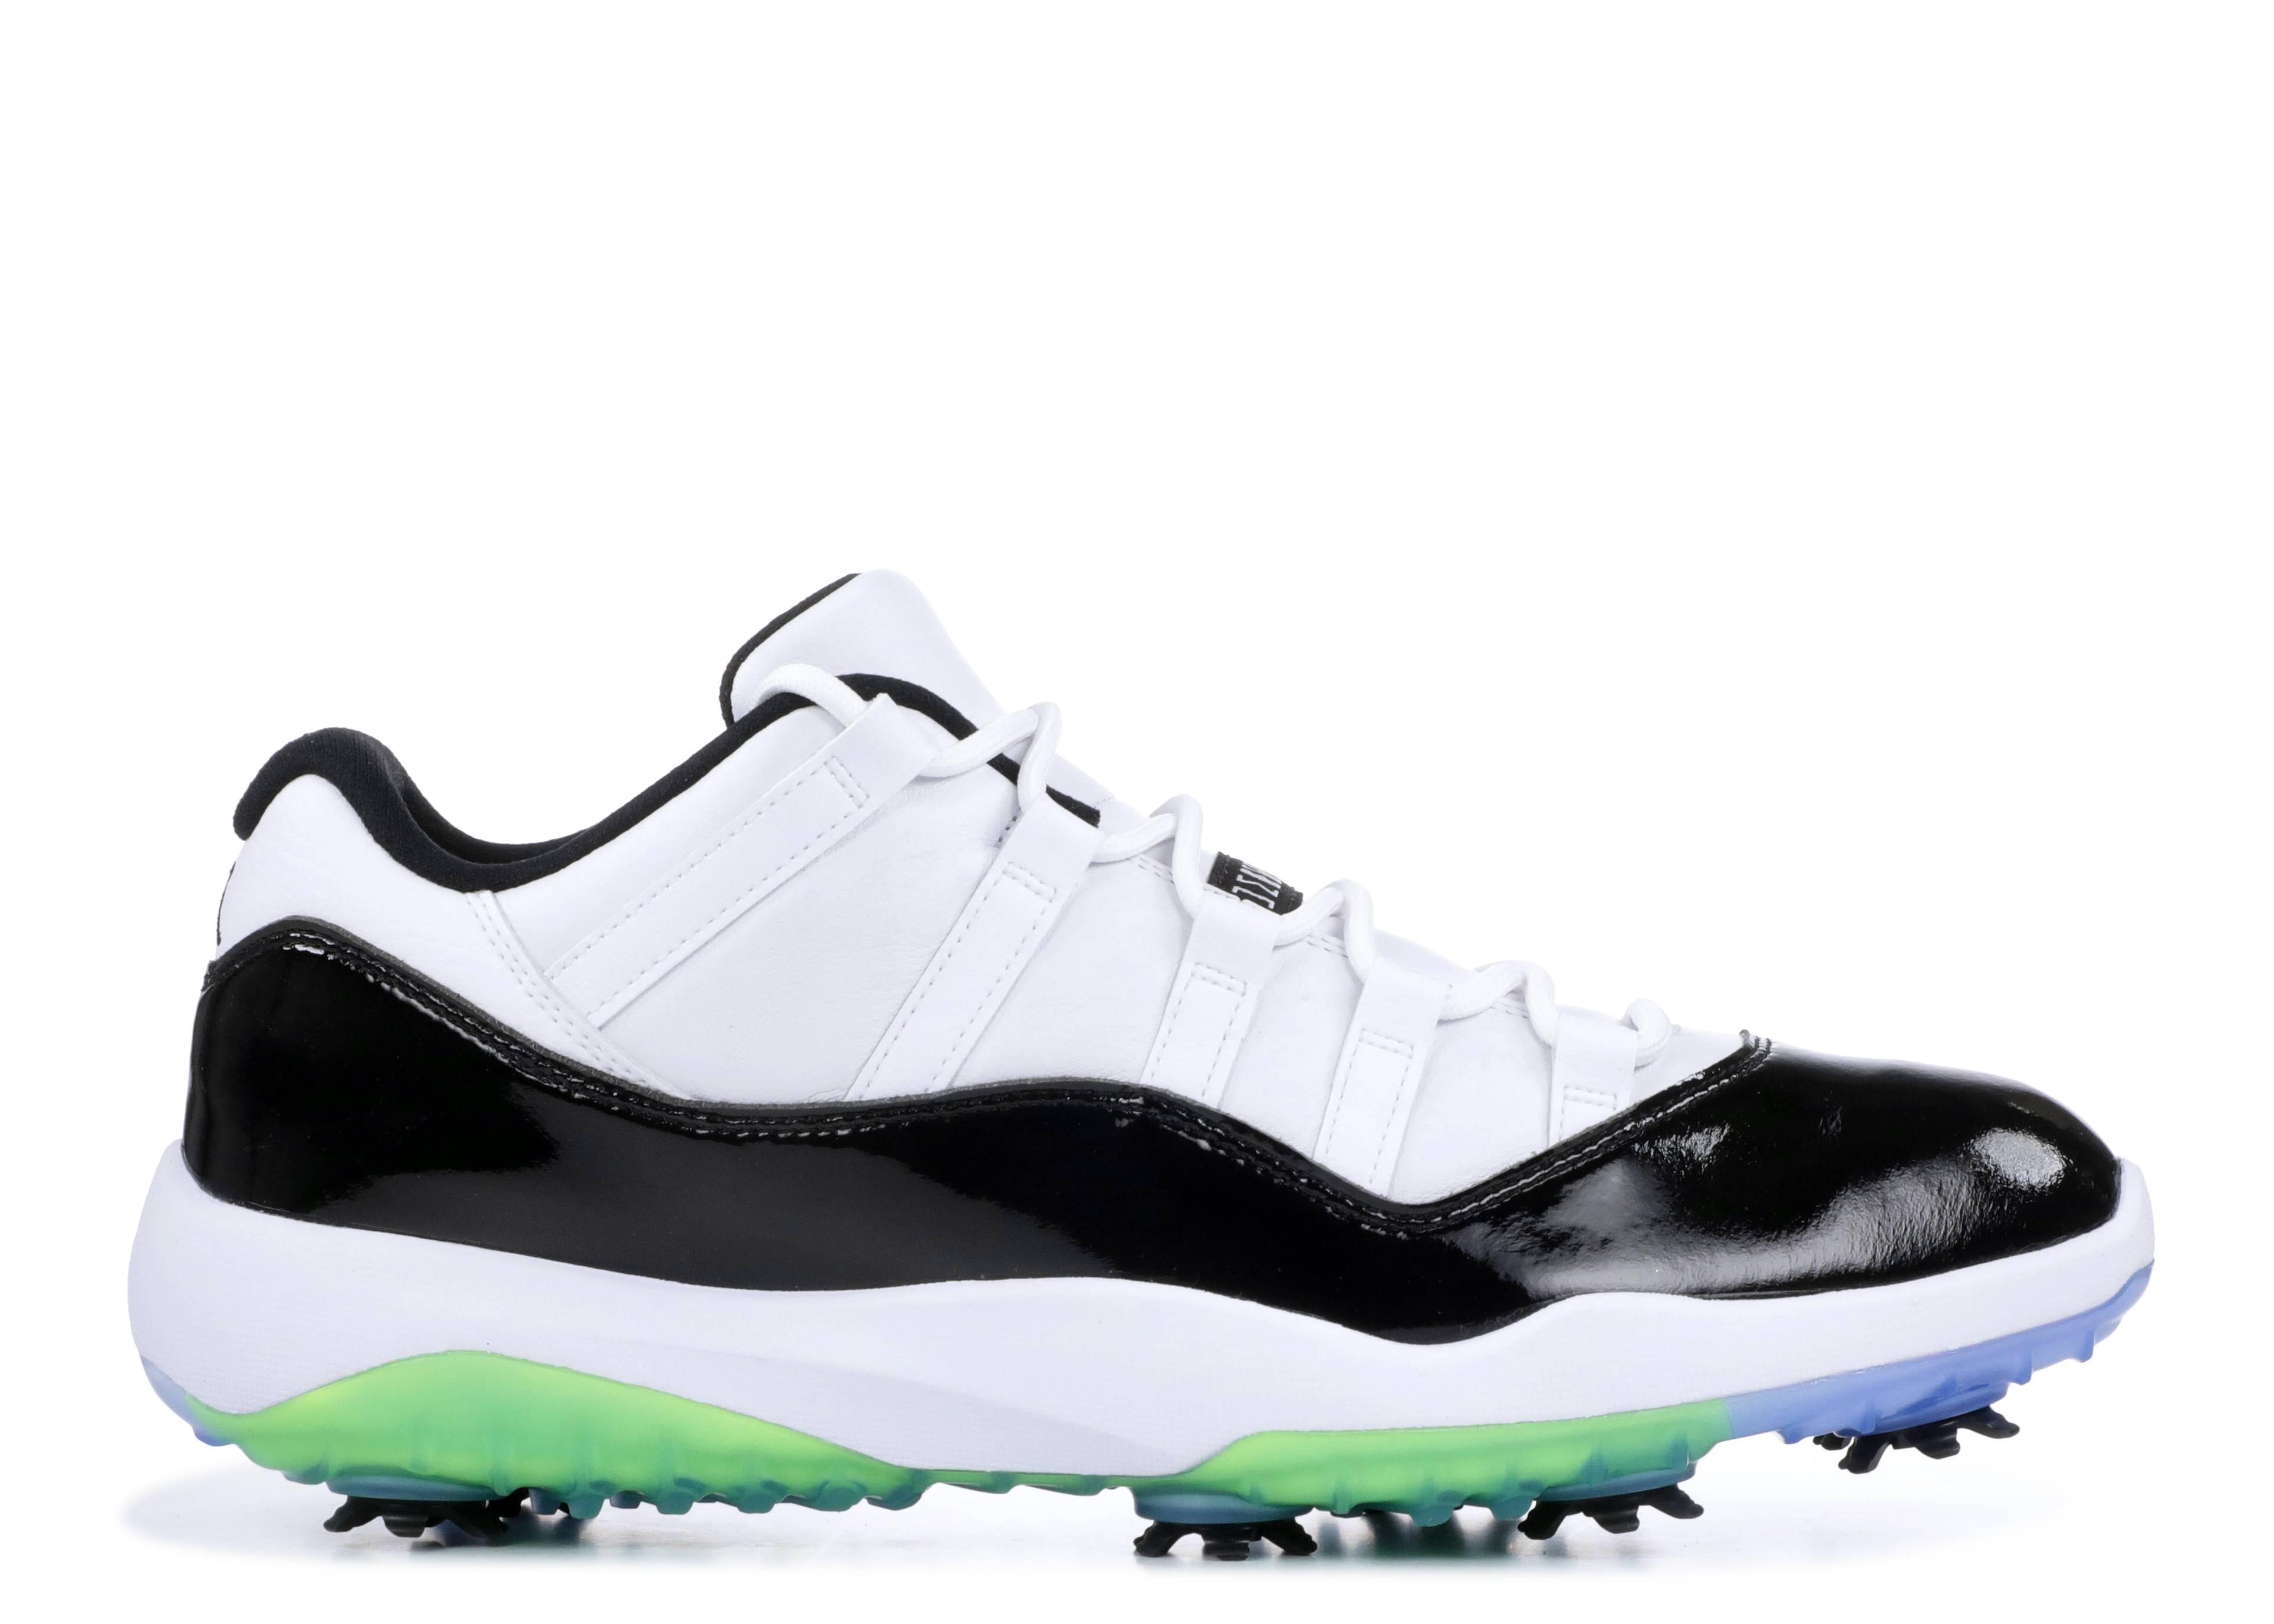 jordan xi golf